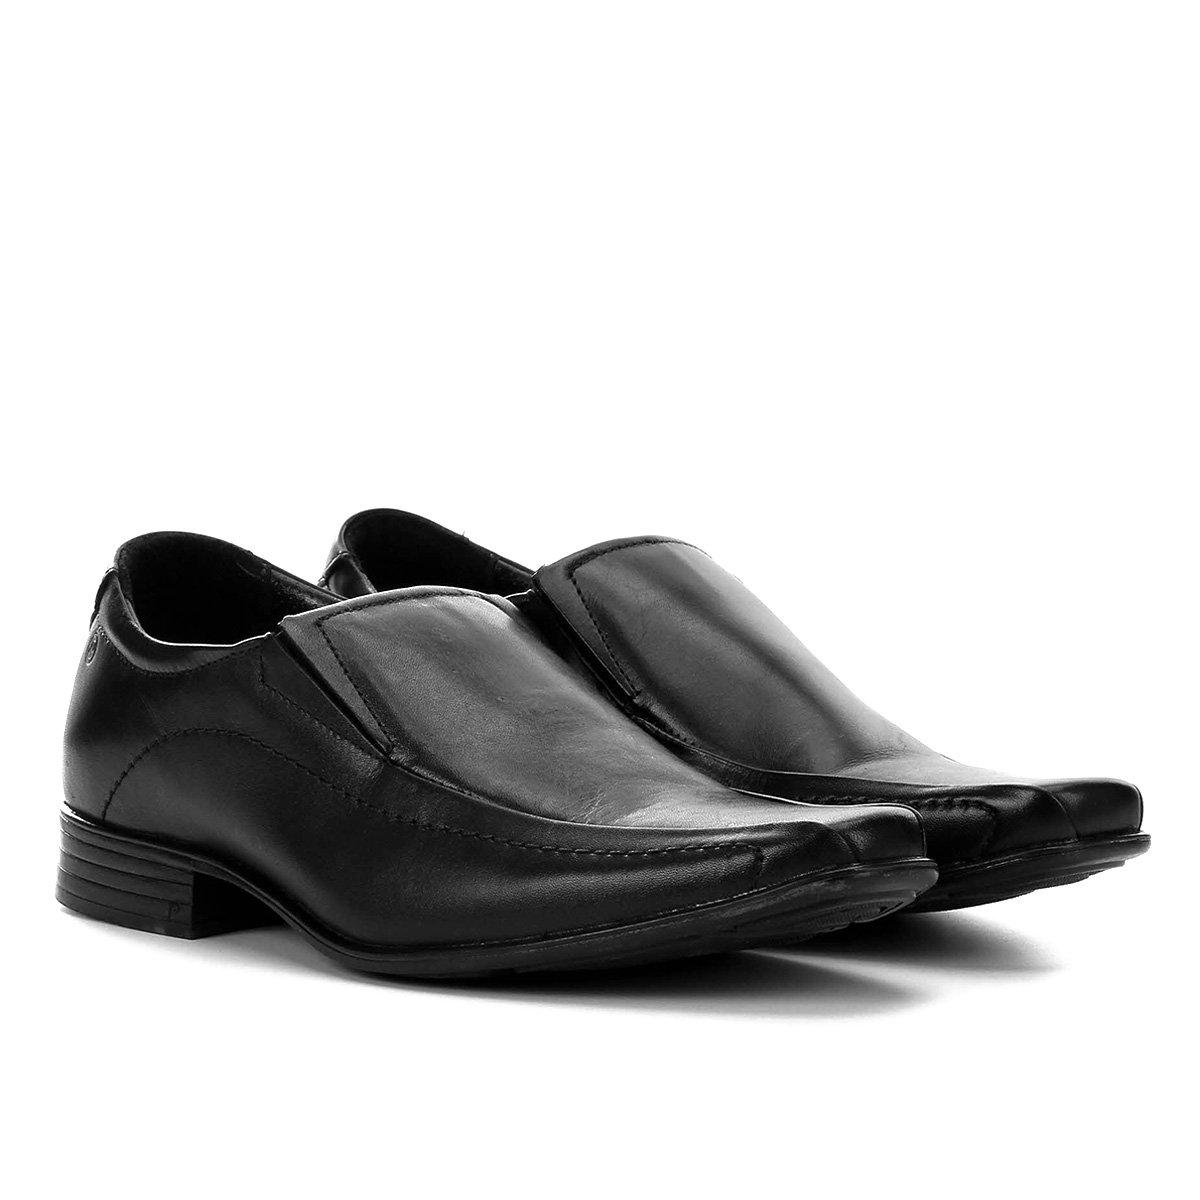 7f6239c57f86b Sapato Social Couro Pegada Sem Cadarço Básico Masculino